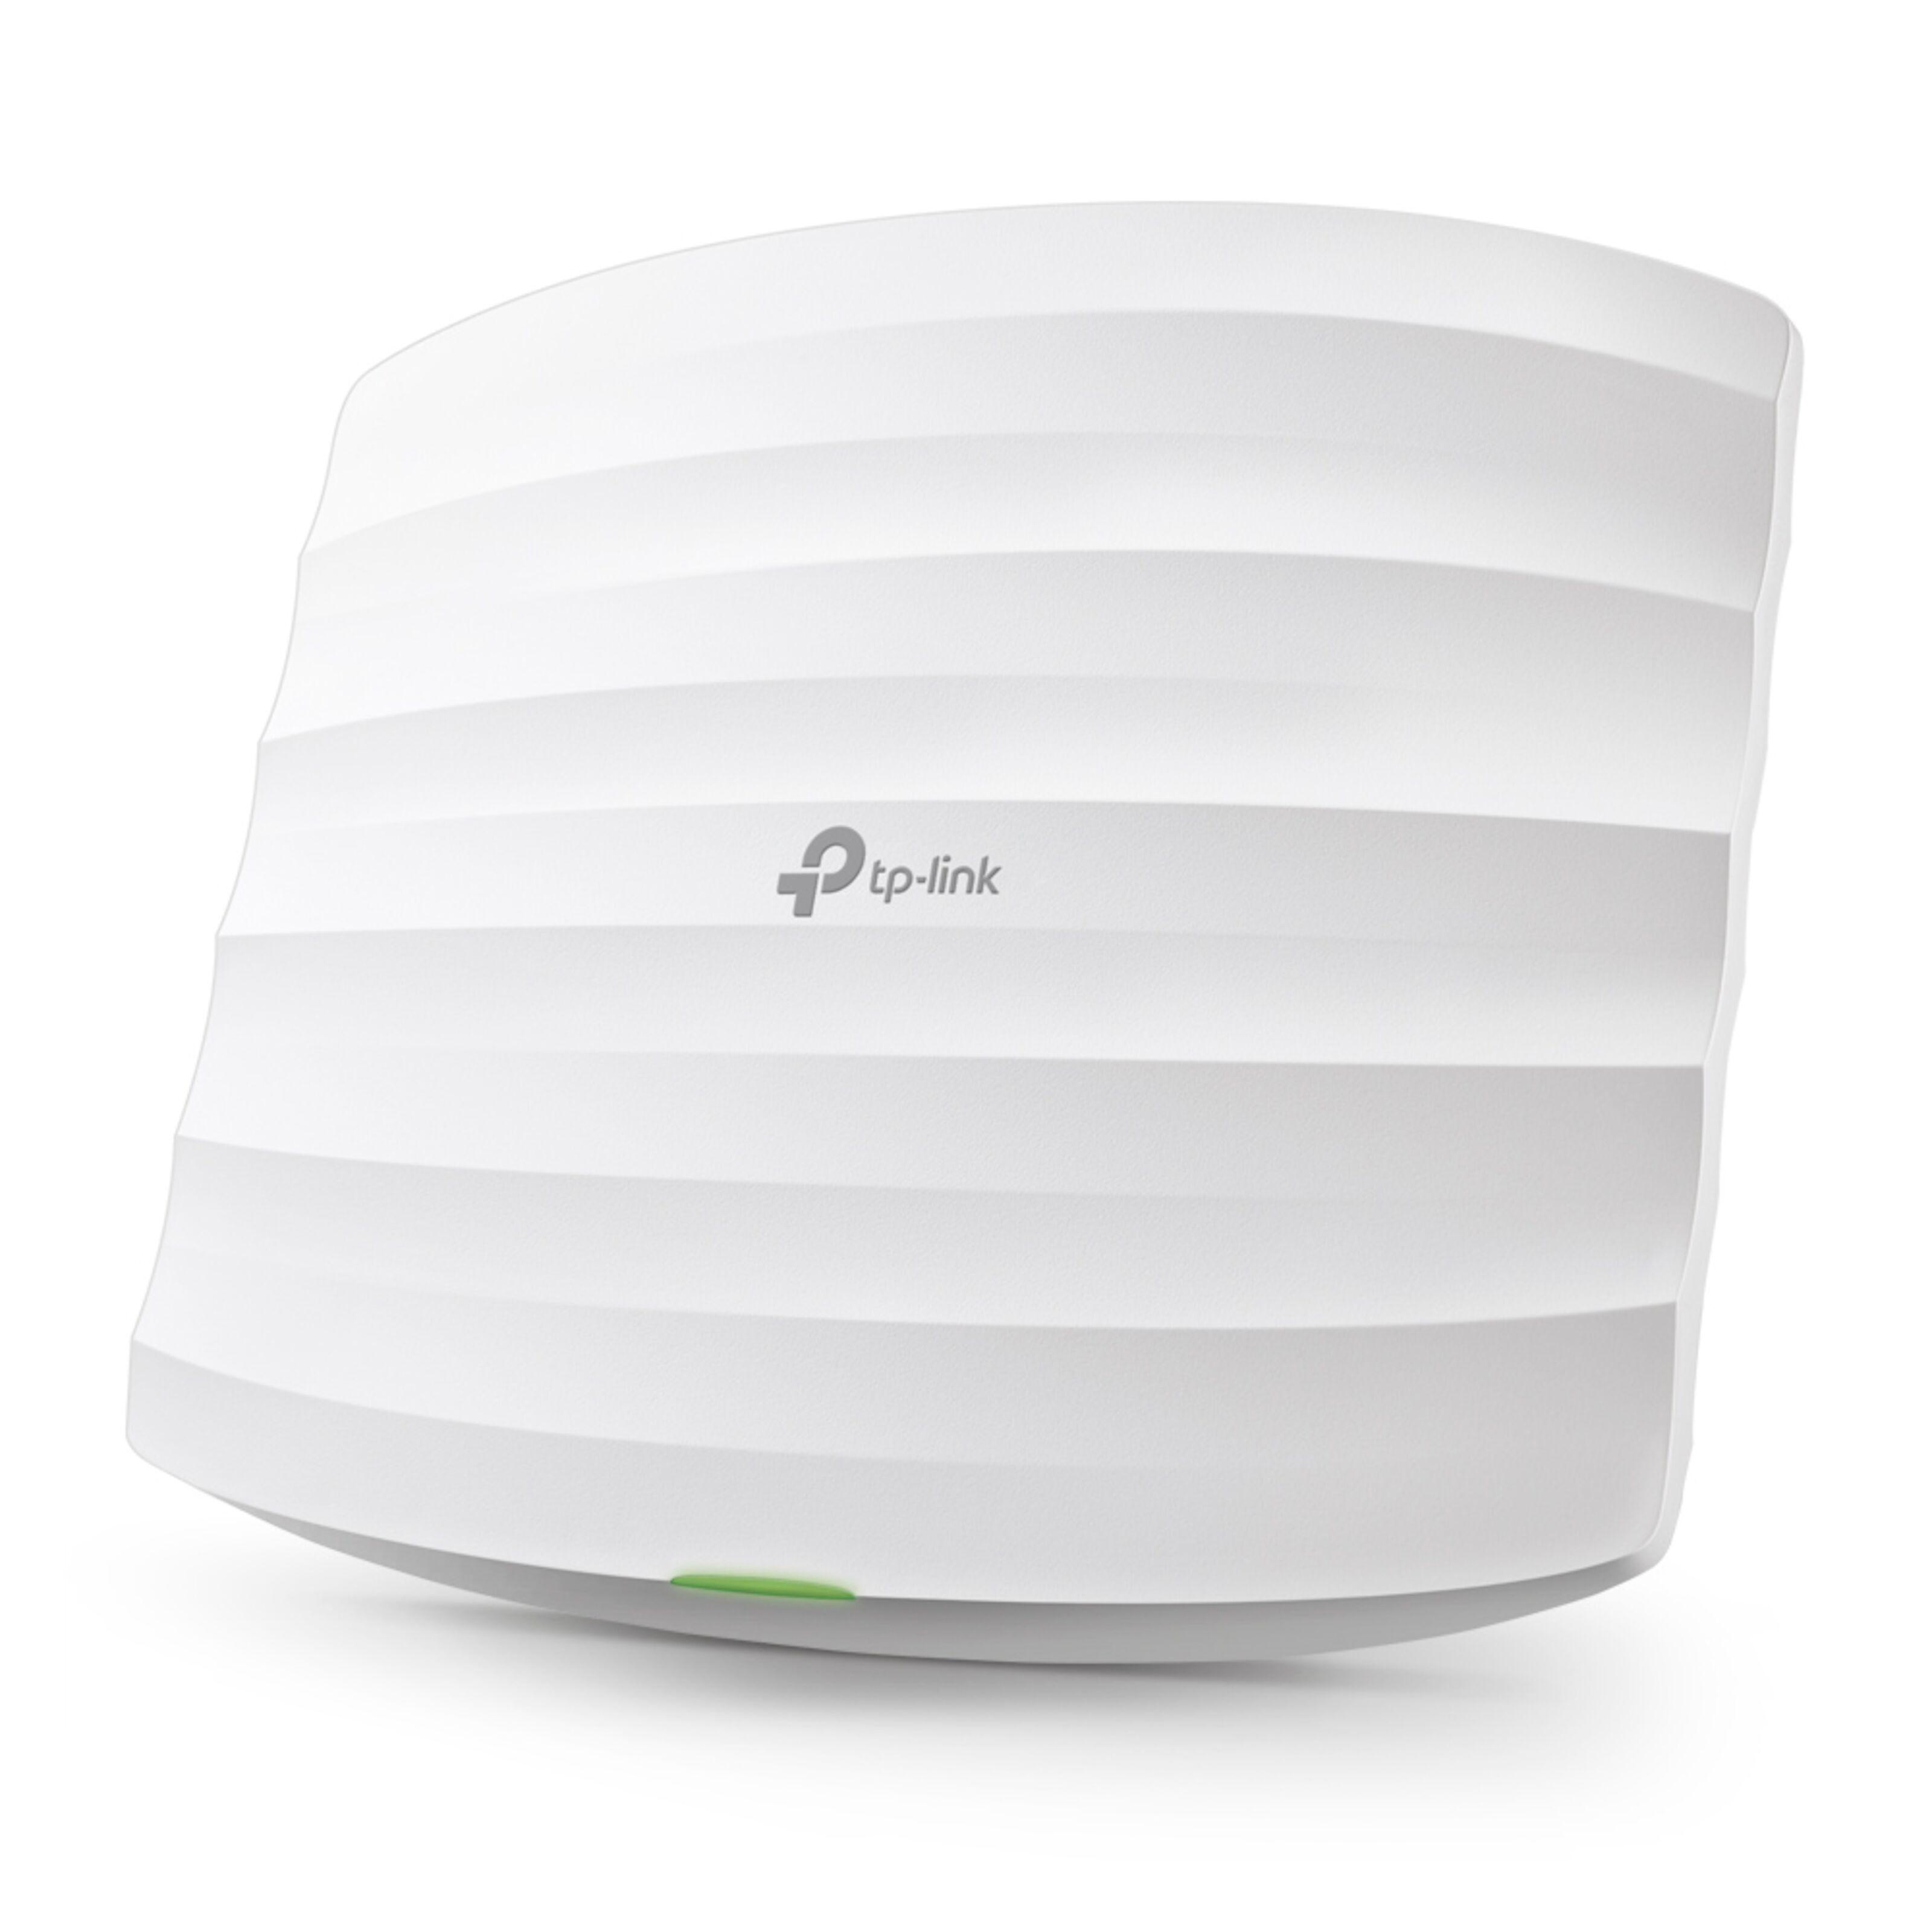 TP-link EAP265 HD Roaming-aksesspunkt AC1750 - Aksesspunkter | Kjell.com